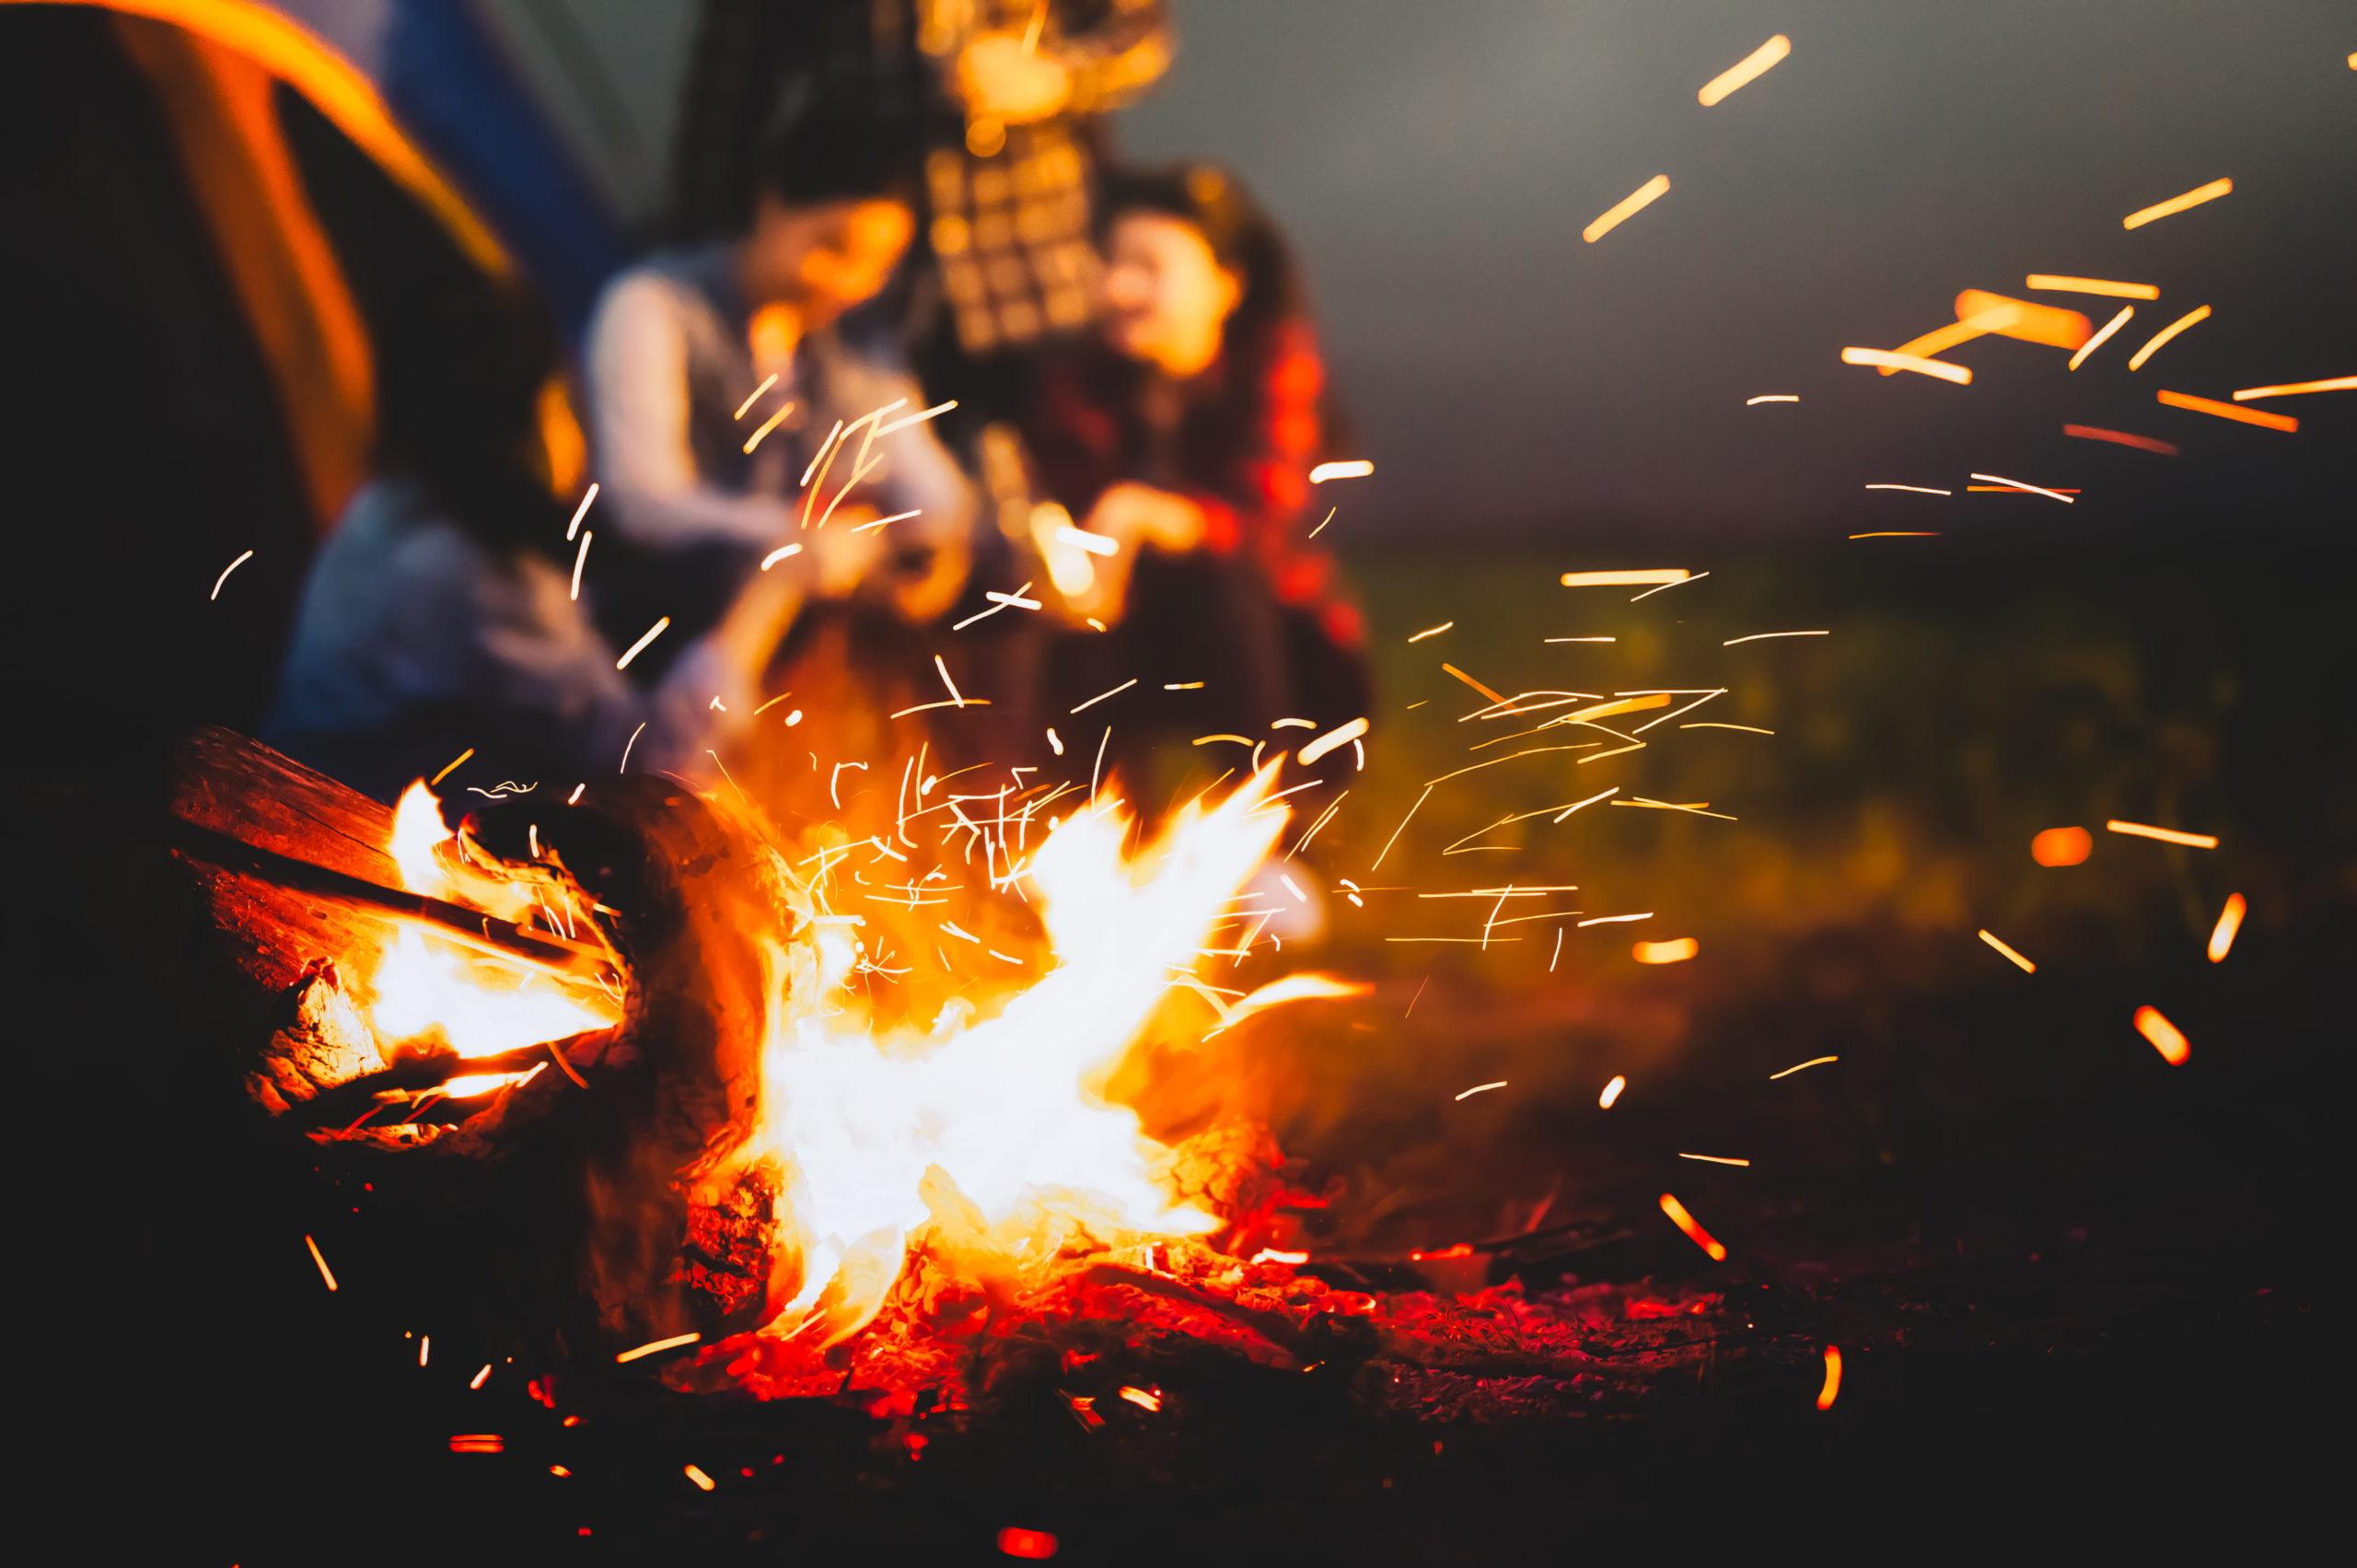 キャンプファイヤー・焚き火